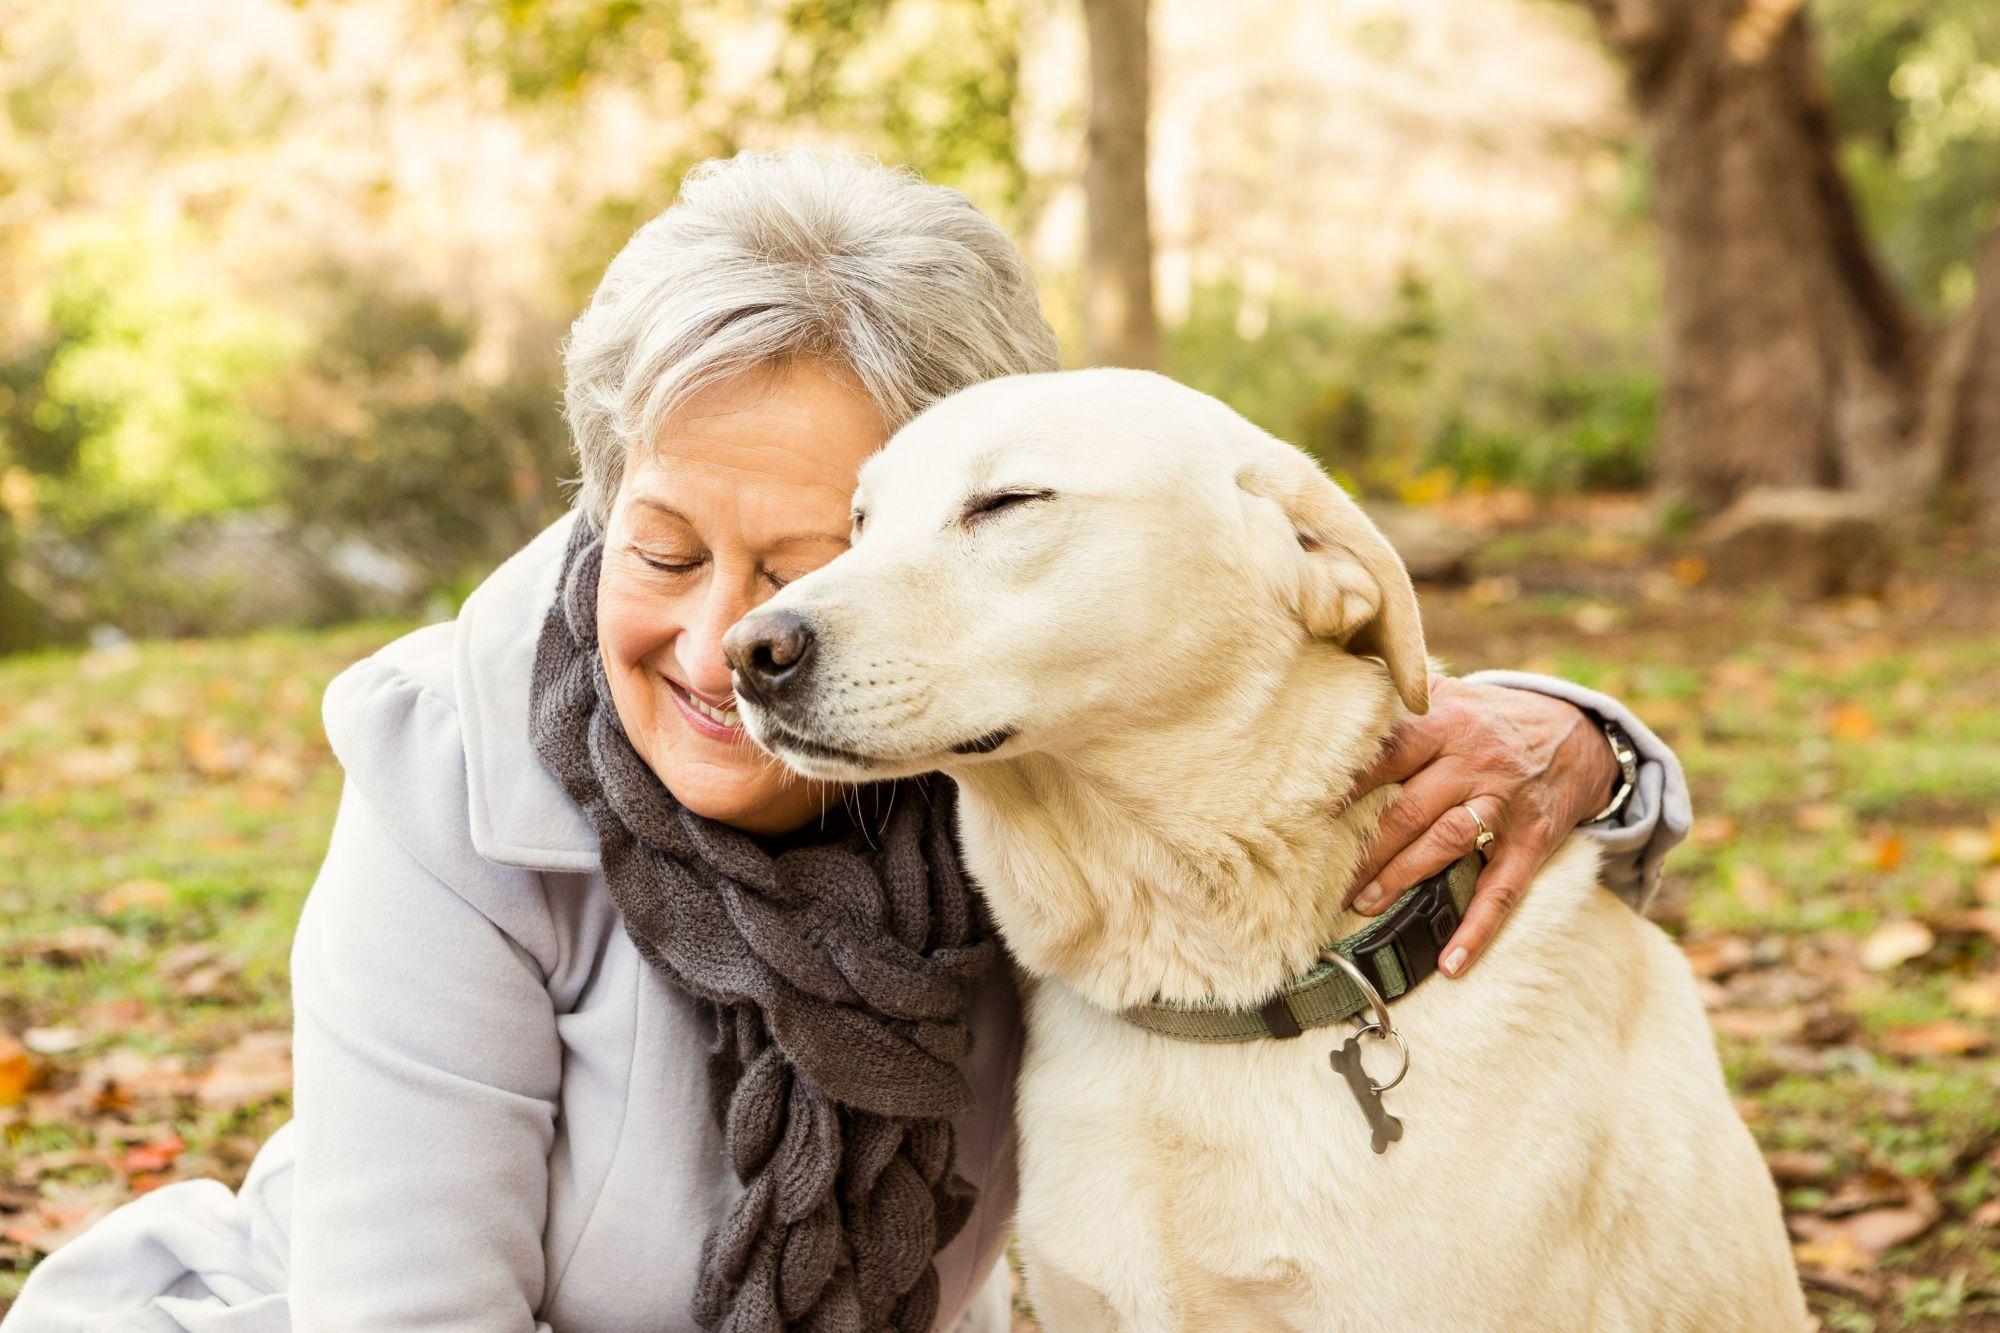 Descubra os maiores benefícios da terapia com cachorros para idosos